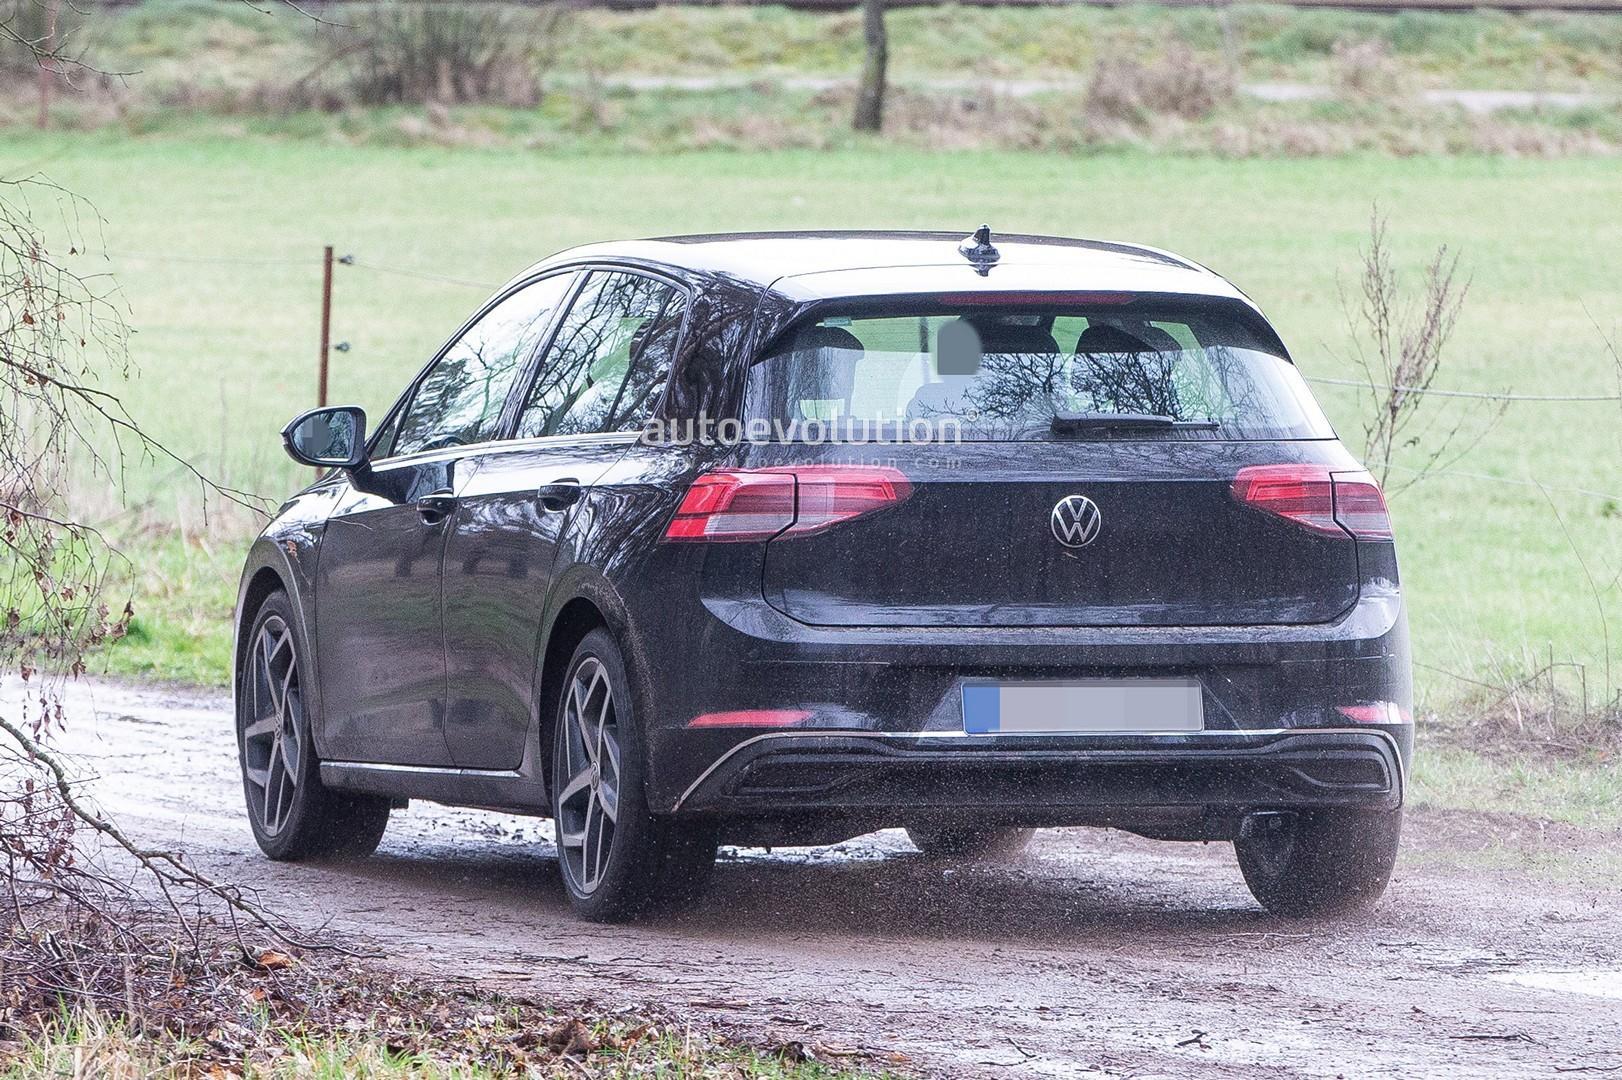 VW Golf 8- poze spion - VW Golf 8- poze spion